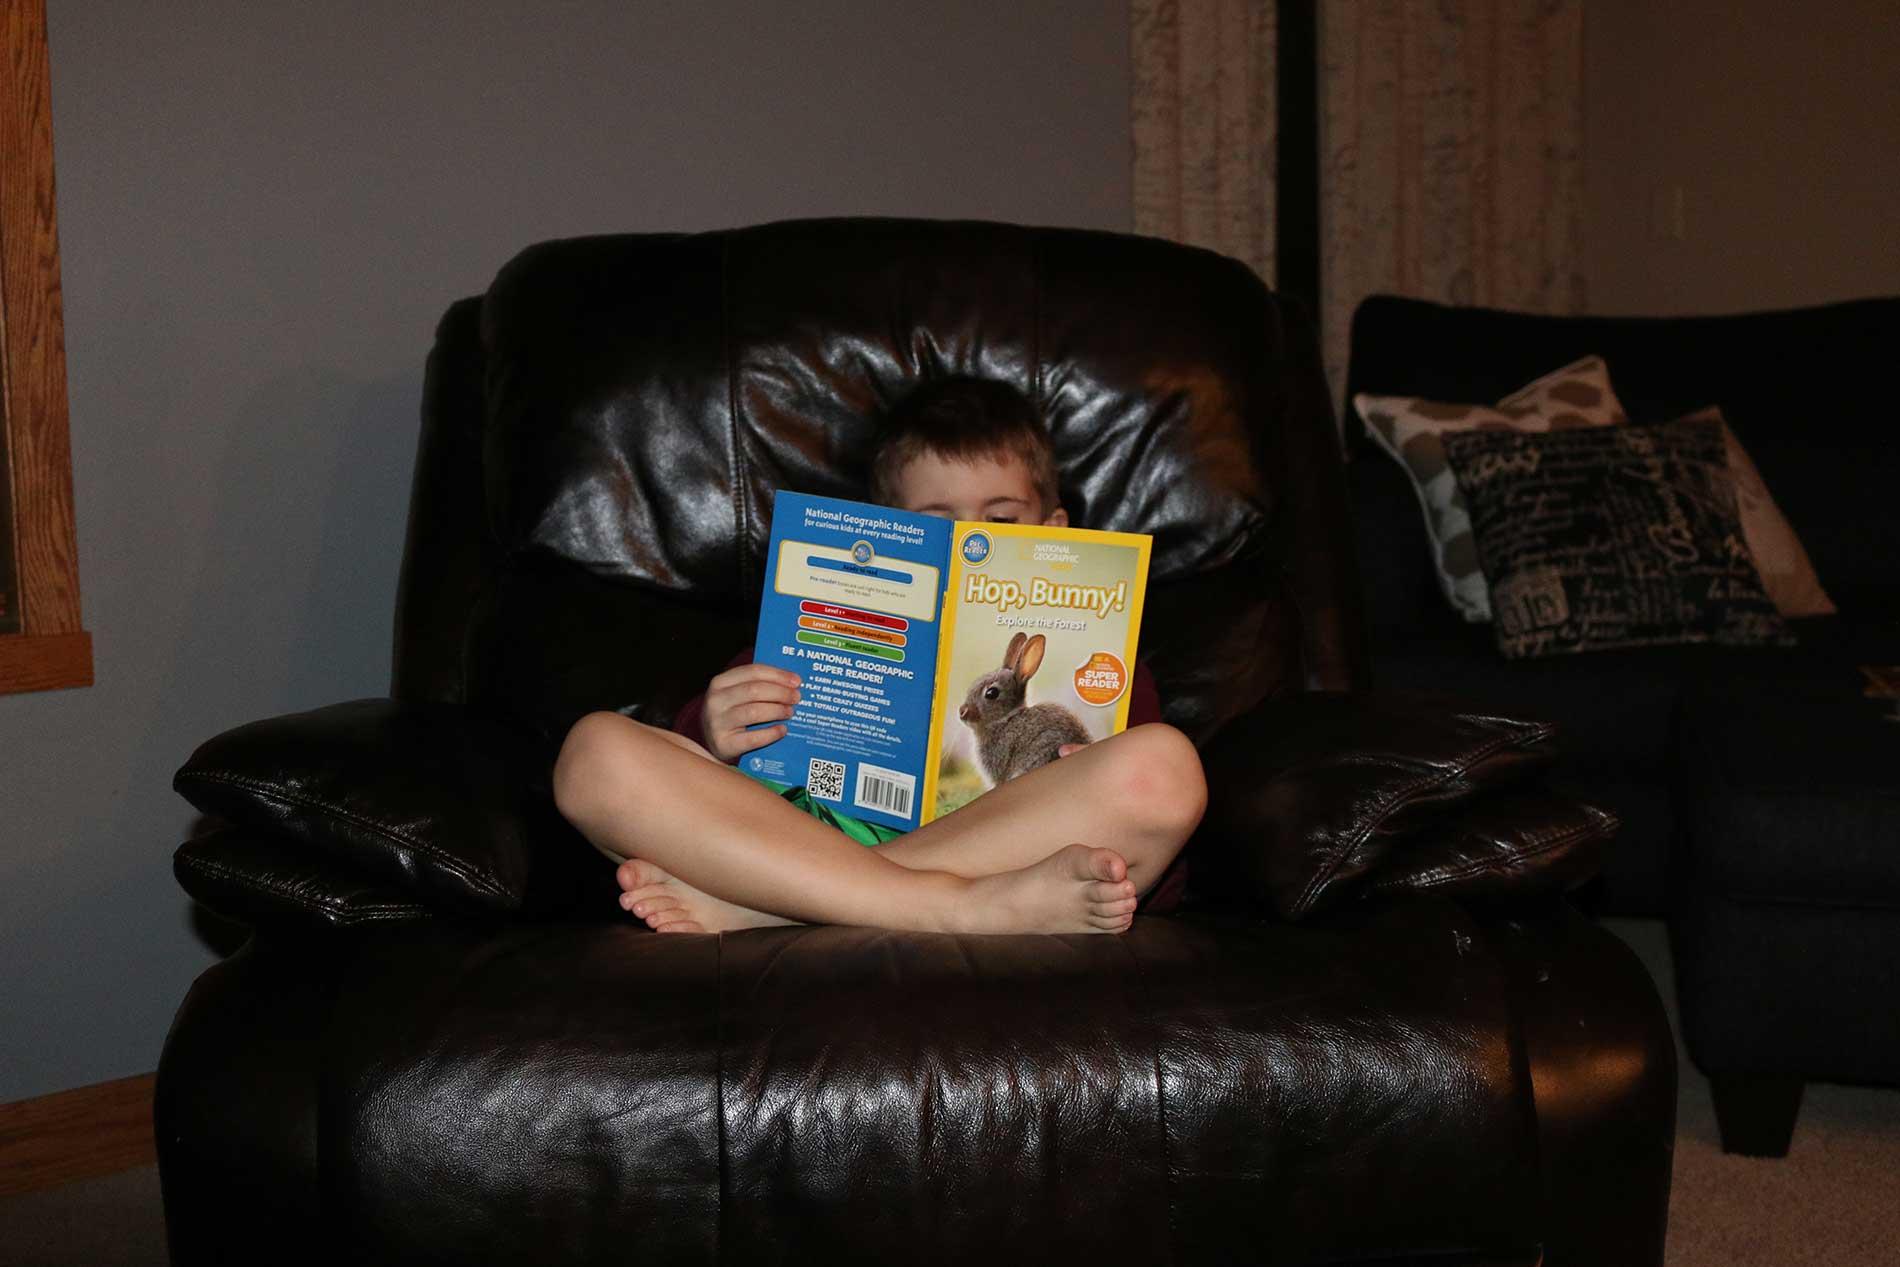 Reese doing some light reading.